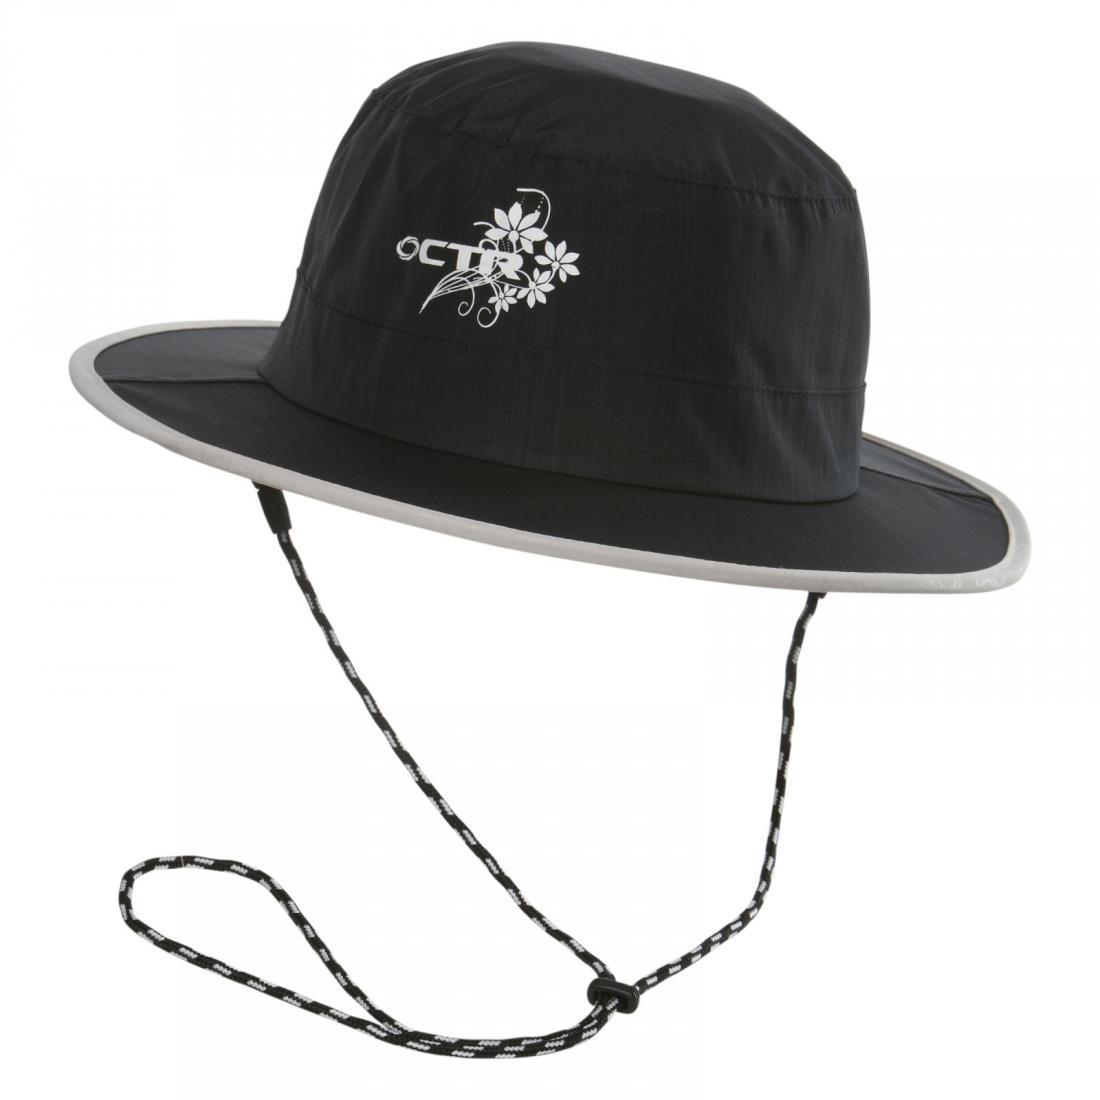 Панама Chaos  Stratus Bucket Hat (женс)Панамы<br><br><br>Цвет: Черный<br>Размер: S-M